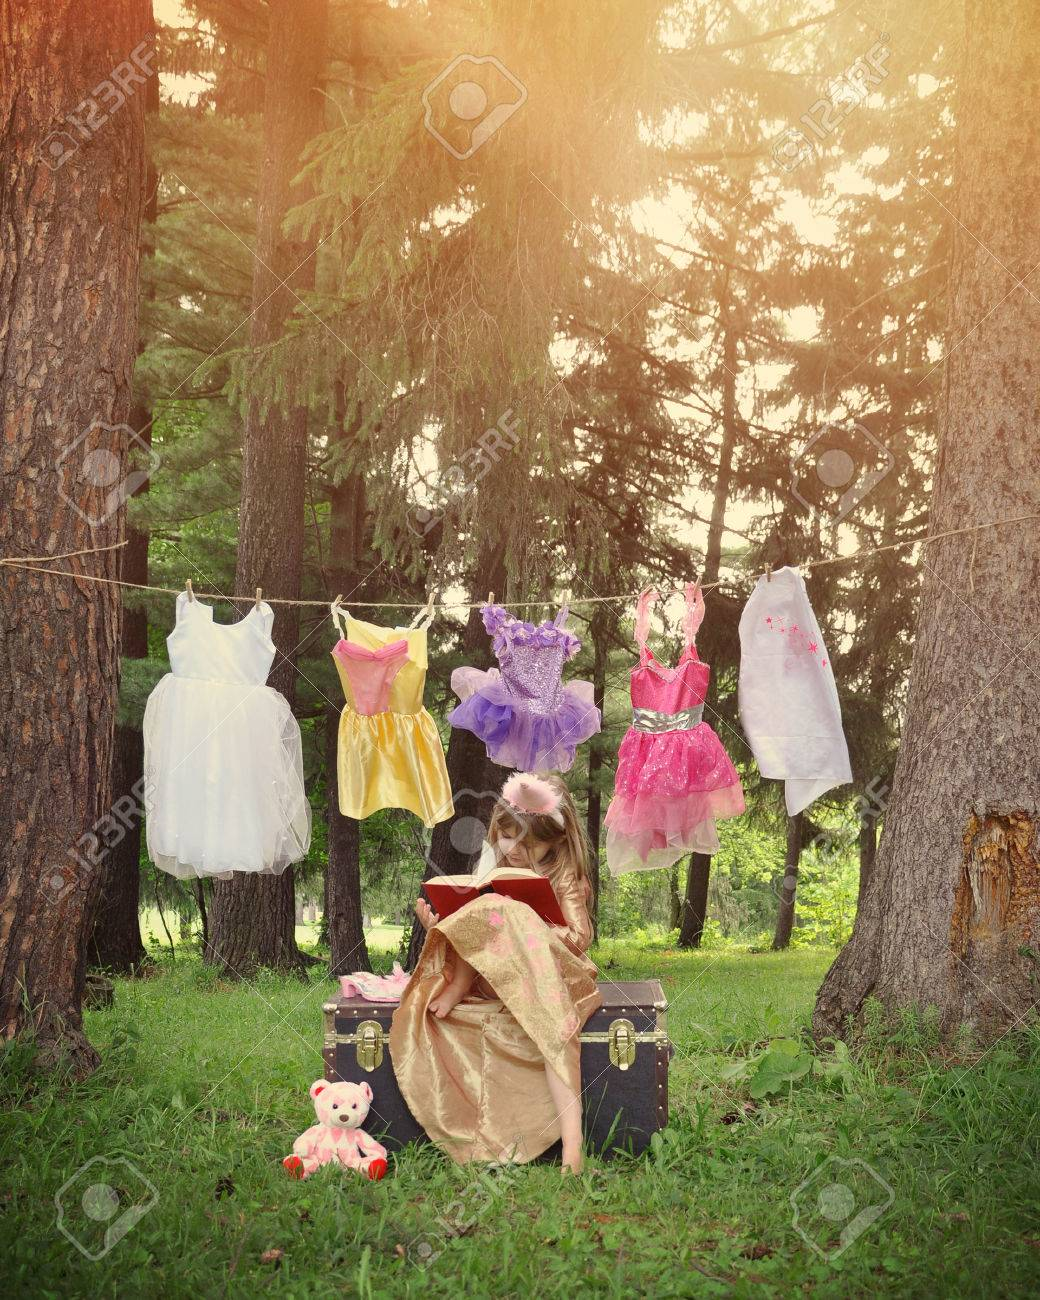 Ein Kleines Mädchen Ist Up Wie Eine Prinzessin Mit Einem Buch In Den ...